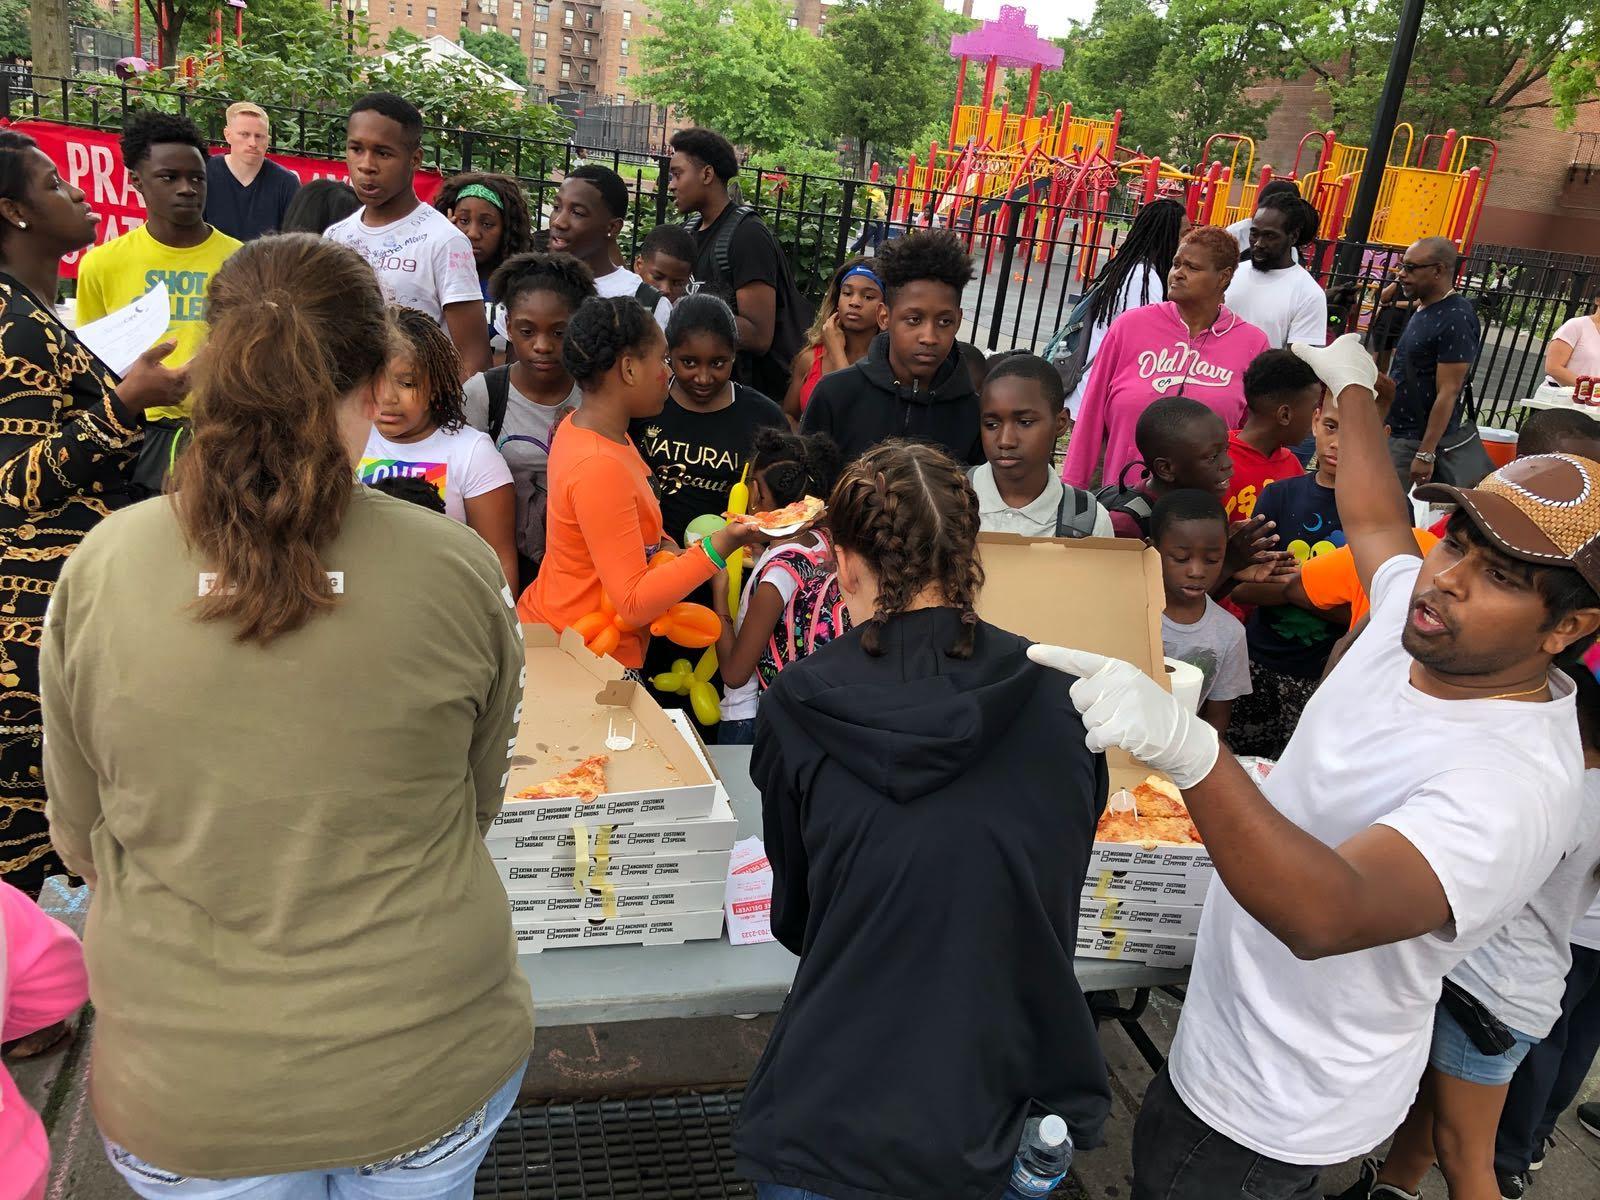 Street Evangelism in Brooklyn